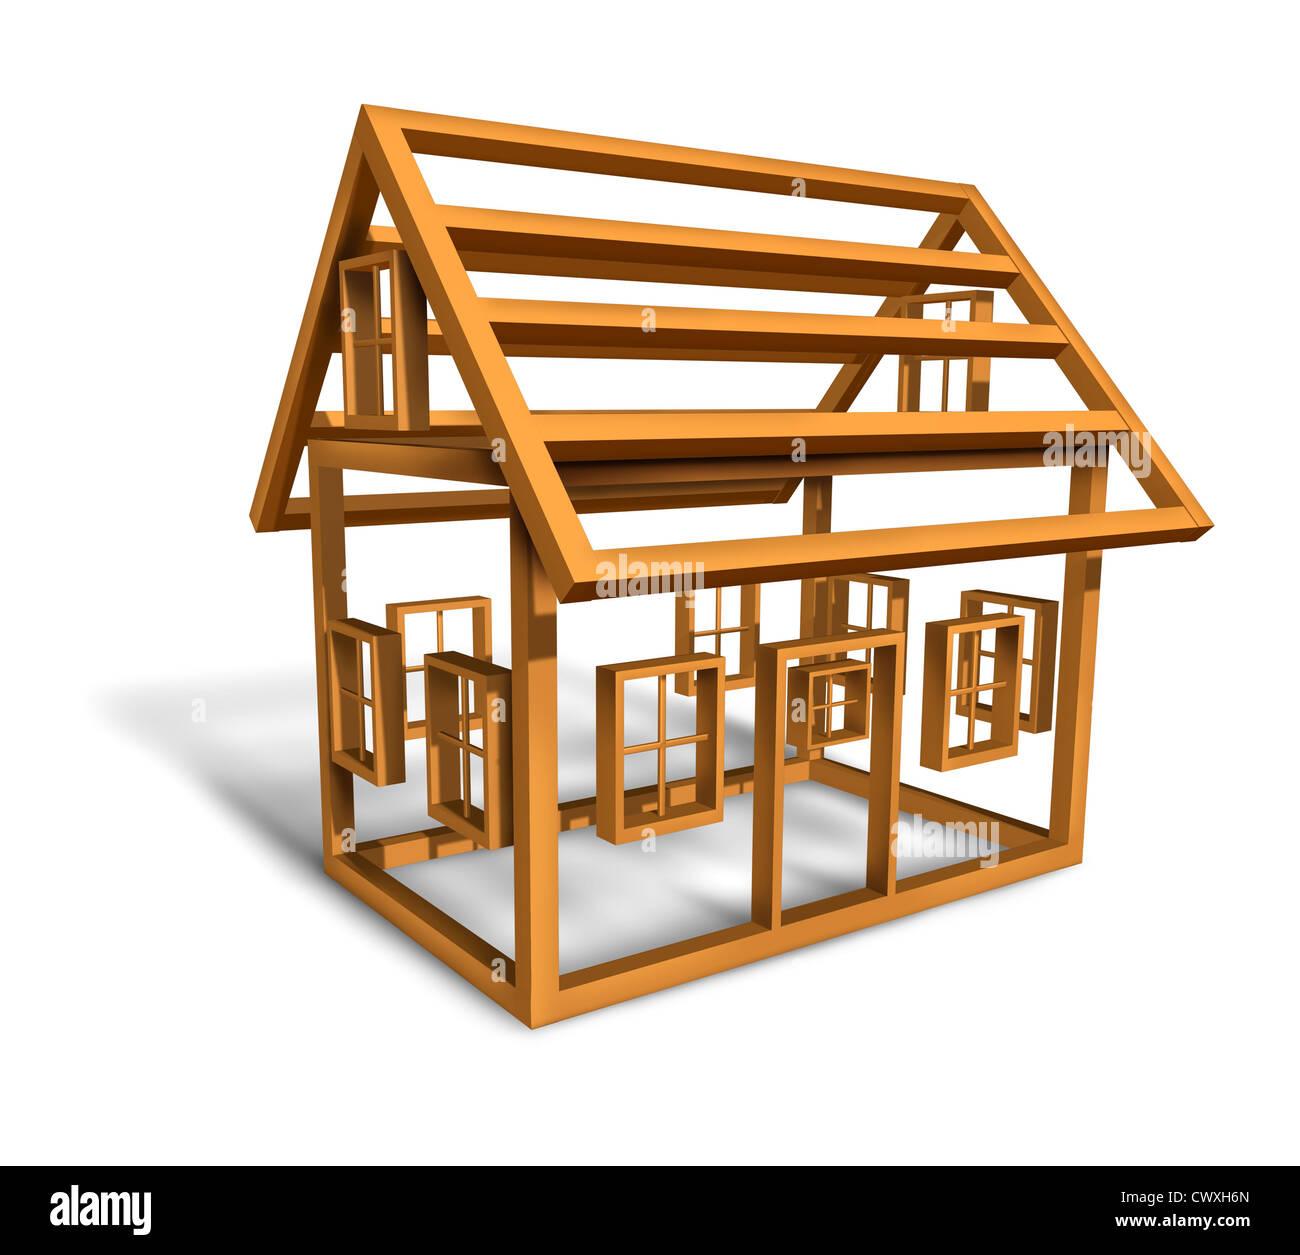 La Construcción De Casas Con Estructura De Madera De Una Casa Que Se Está Construyendo En Un Sitio De Trabajo Como Generador De Un Concepto Para La Industria De Bienes Raíces Y